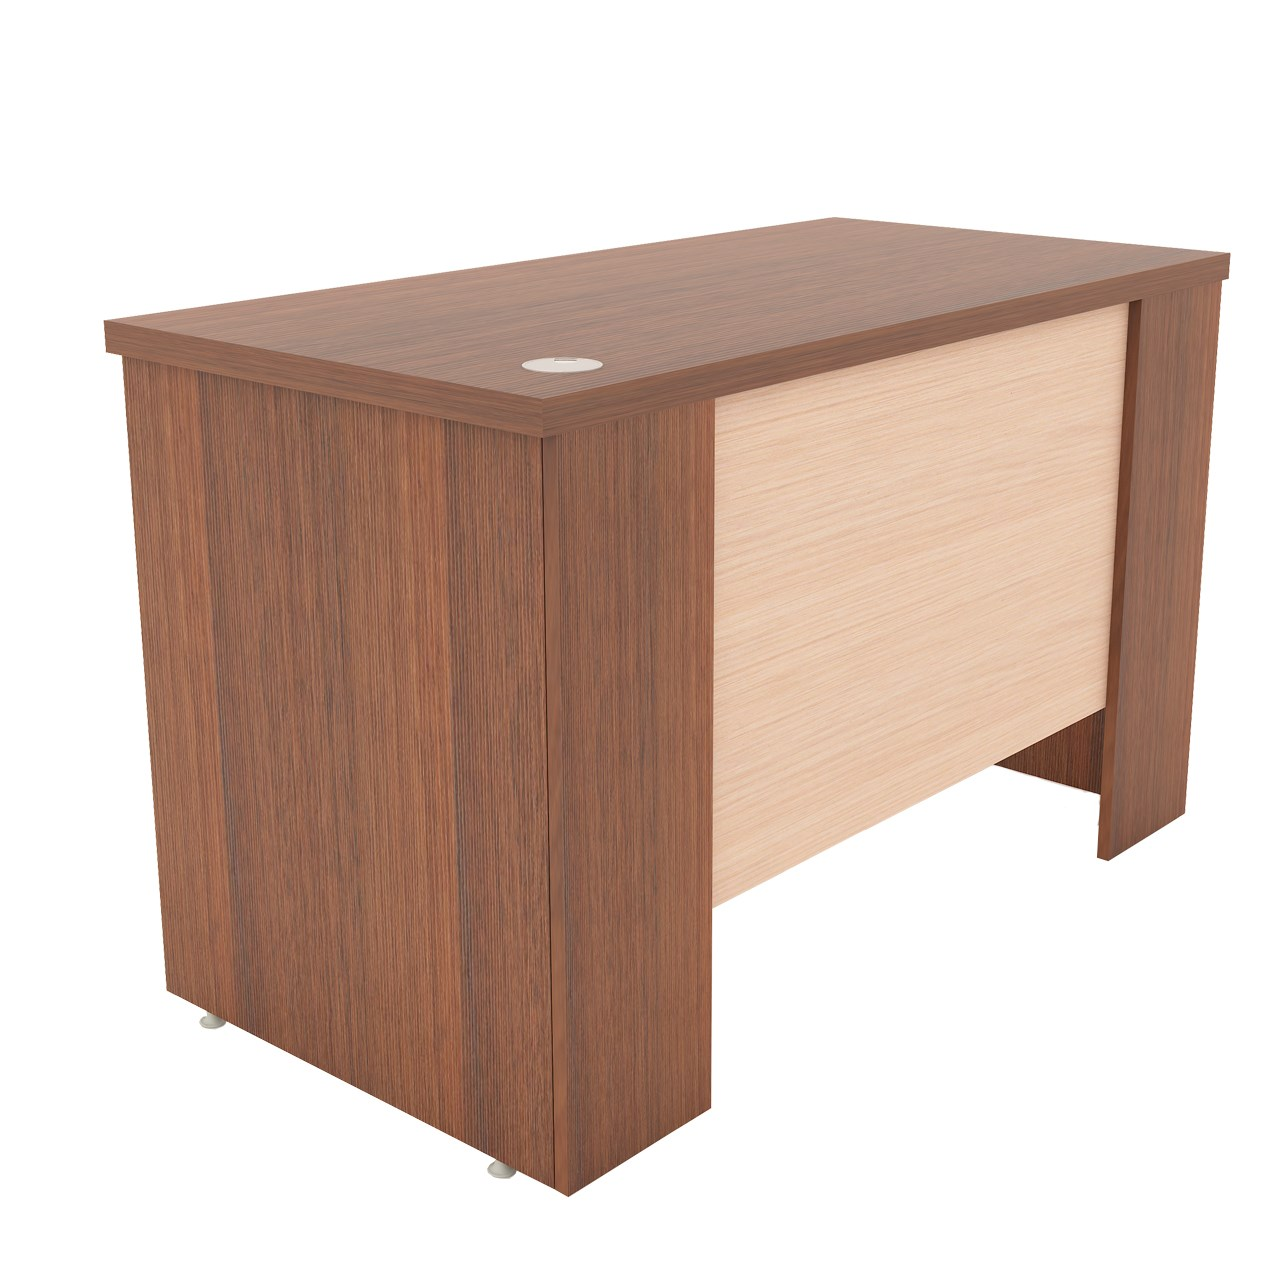 میز اداری  سازینه چوب سری کارو مدل S-G120